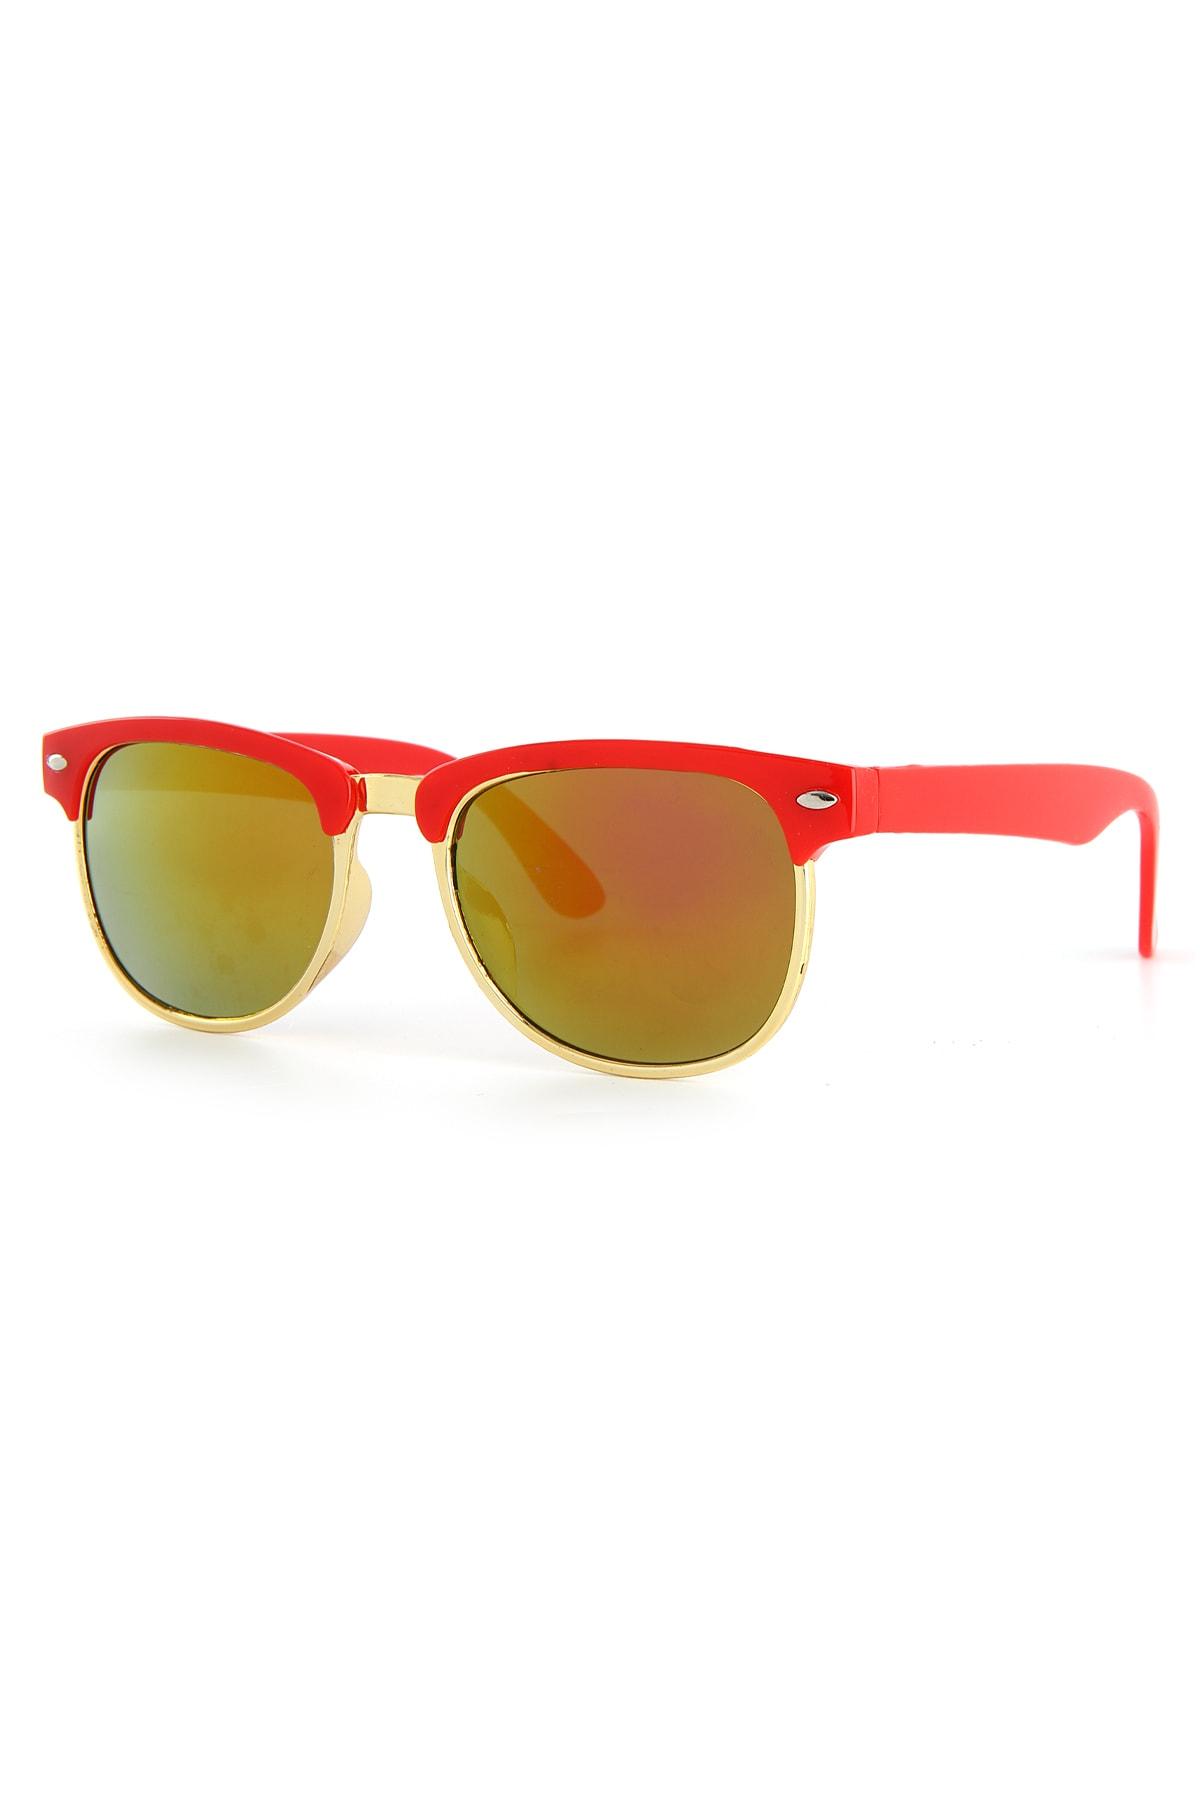 خرید نقدی عینک آفتابی بچه گانه دخترانه  مارک Aqua Di Polo 1987 رنگ زرشکی ty46157787